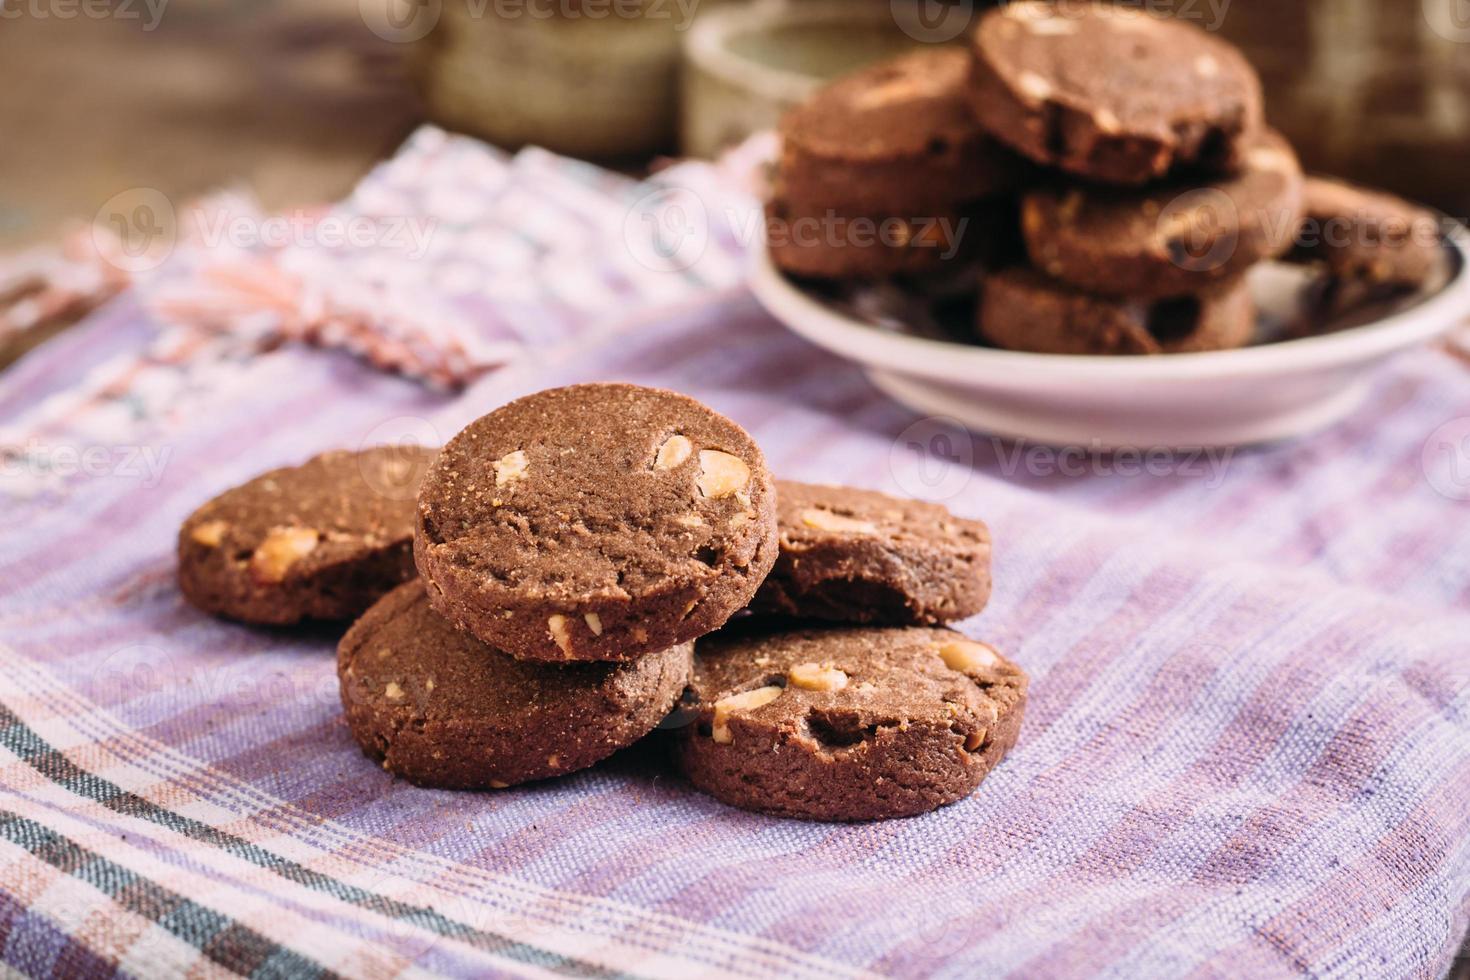 biscuits au chocolat et noisettes sur tissu photo